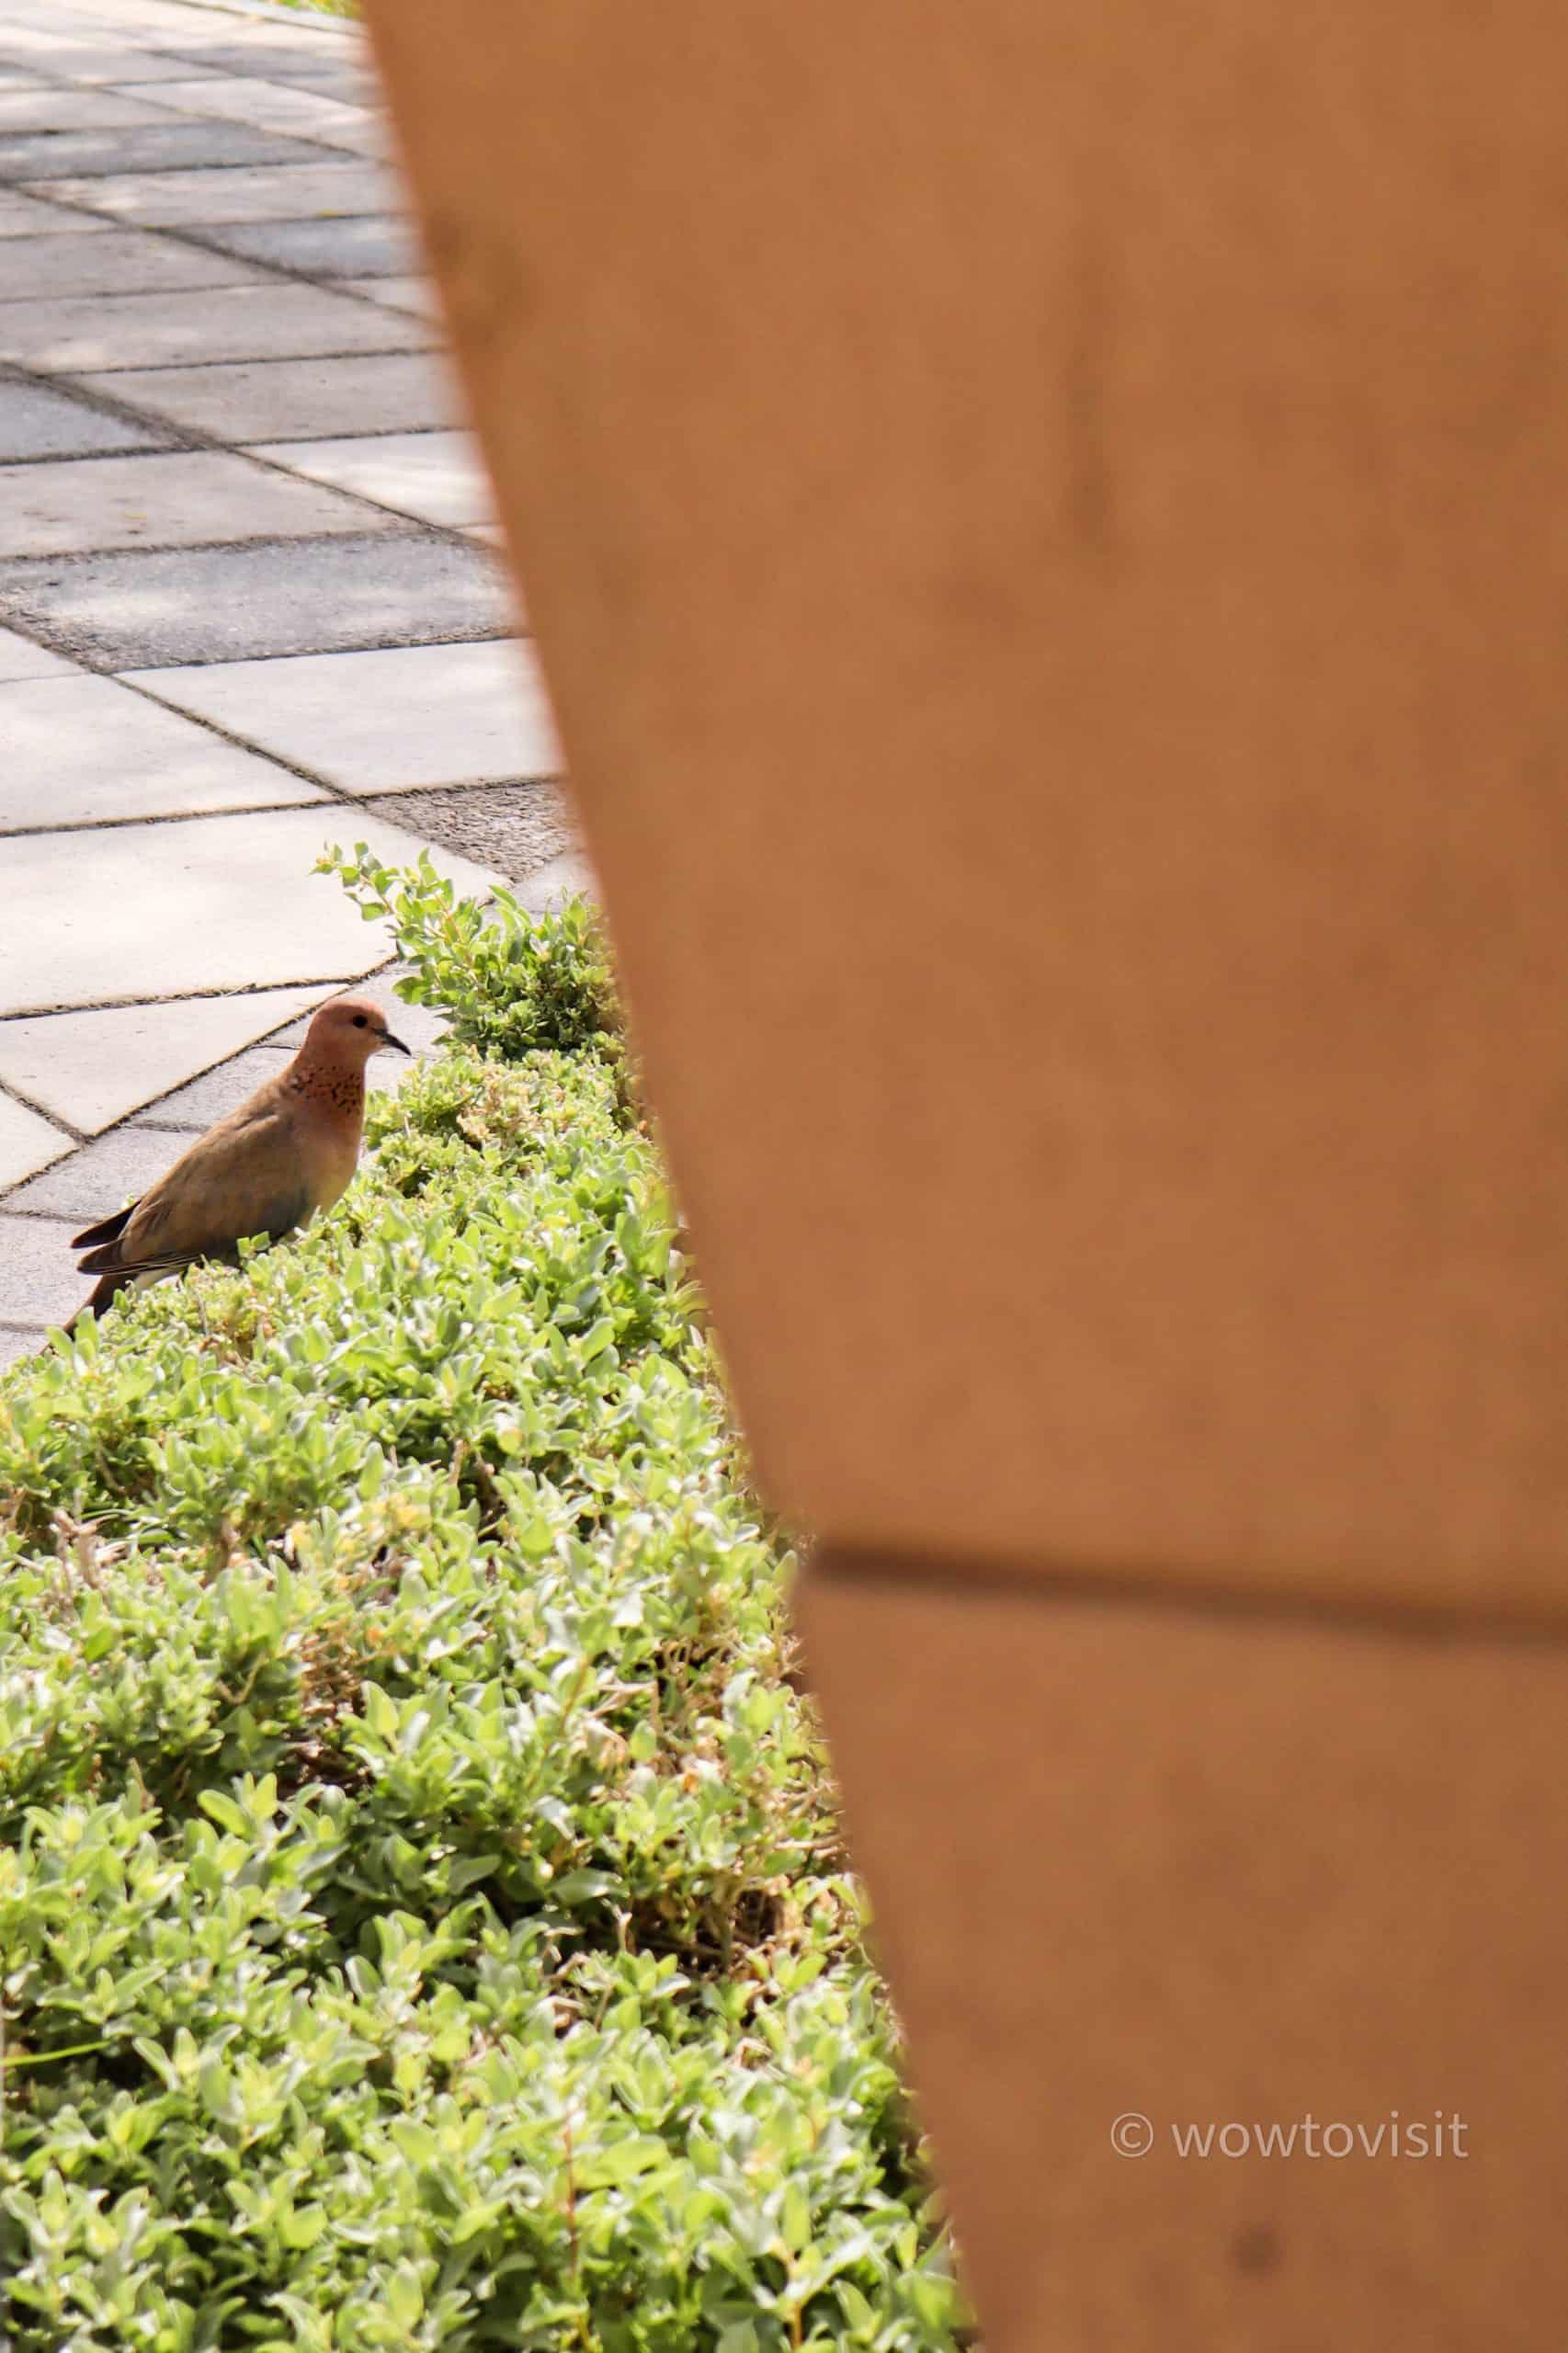 birdsandalusgardenbahrain2 scaled